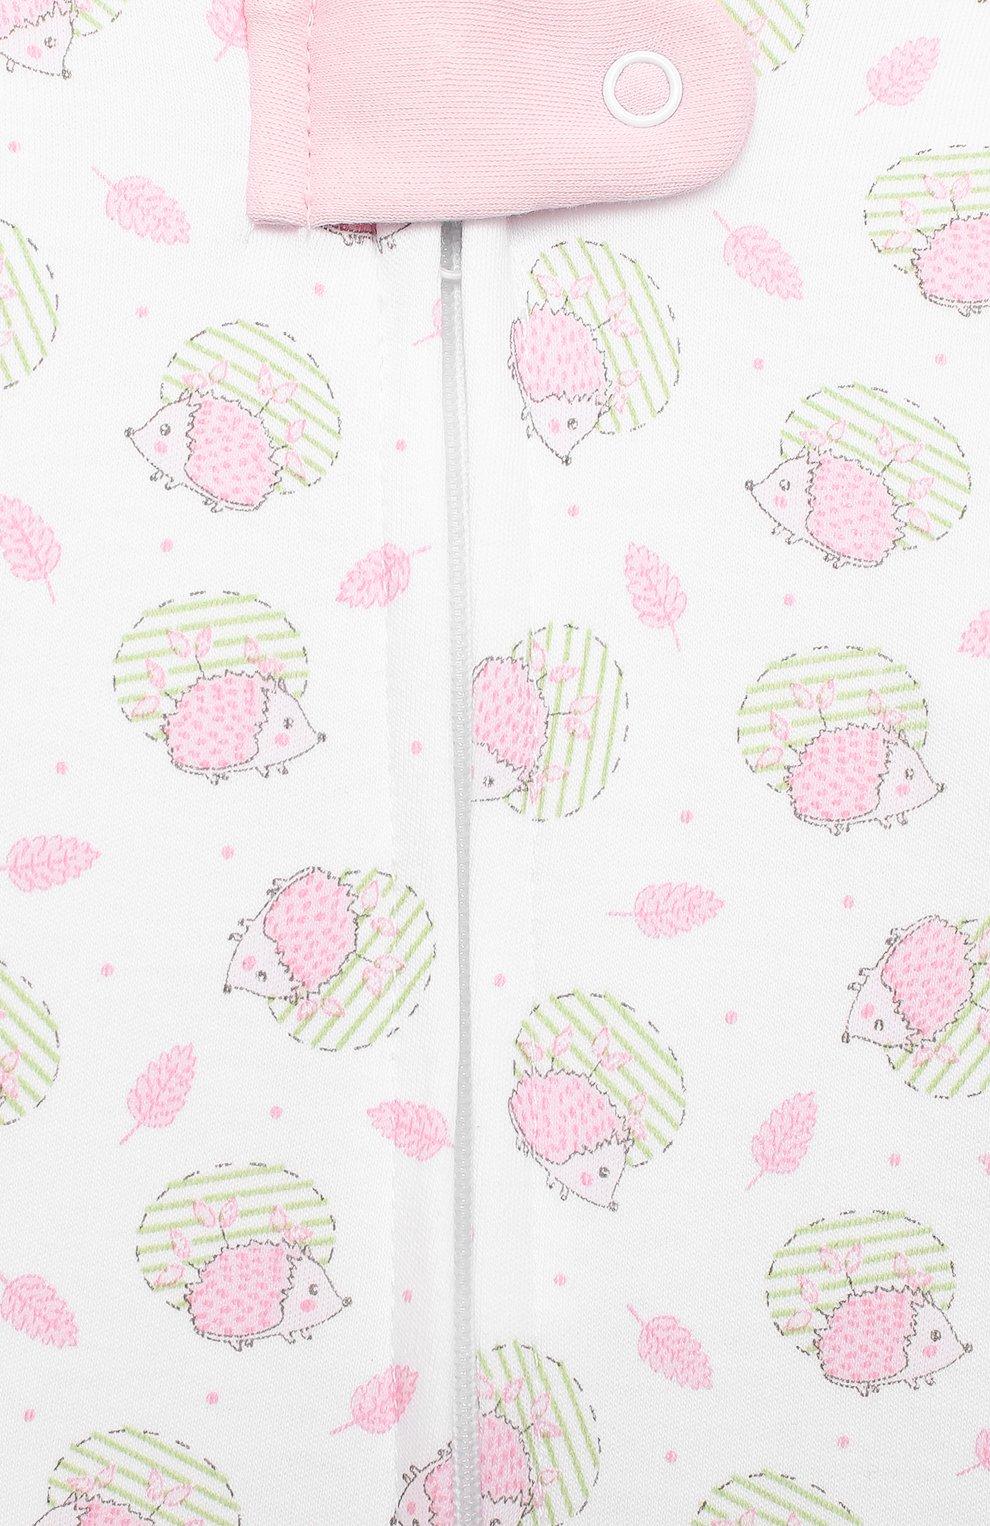 Детский хлопковый комбинезон MAGNOLIA BABY розового цвета, арт. 861-428P-PK   Фото 3 (Рукава: Длинные; Материал внешний: Хлопок; Ростовка одежда: 12 мес   80 см, 3 мес   62 см, 6 мес   68 см, 9 мес   74 см, 0 - 3 мес   50 - 60 см)